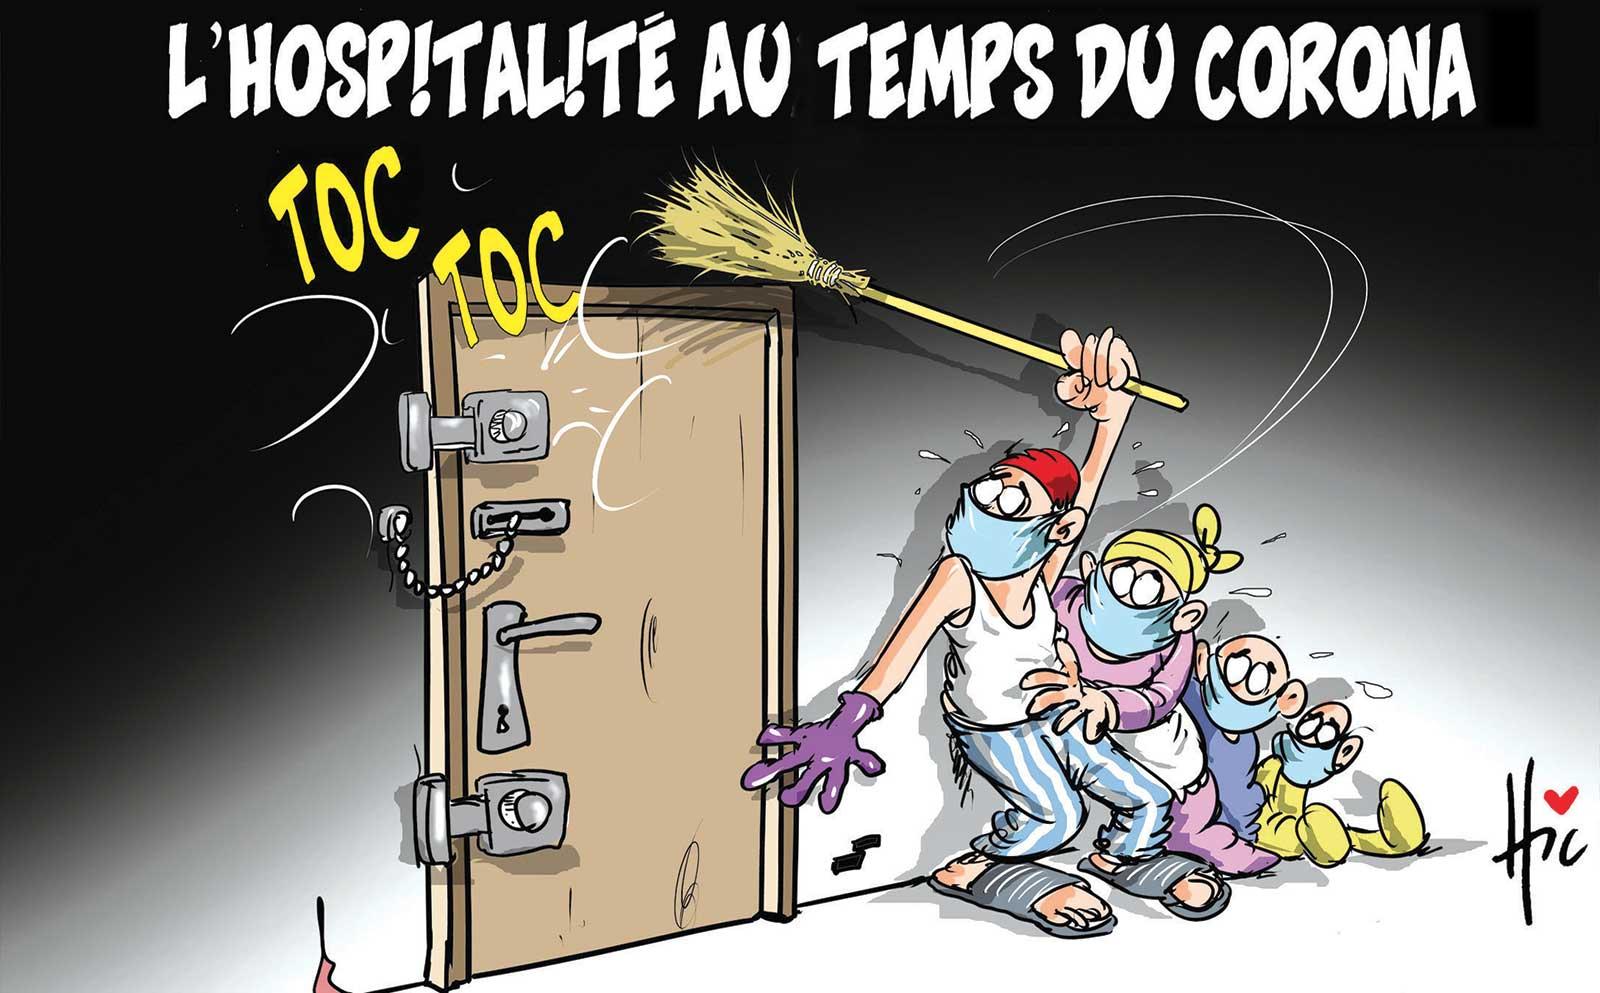 L'hospitalité au temps du corona - Dessins et Caricatures, Le Hic - El Watan - Gagdz.com